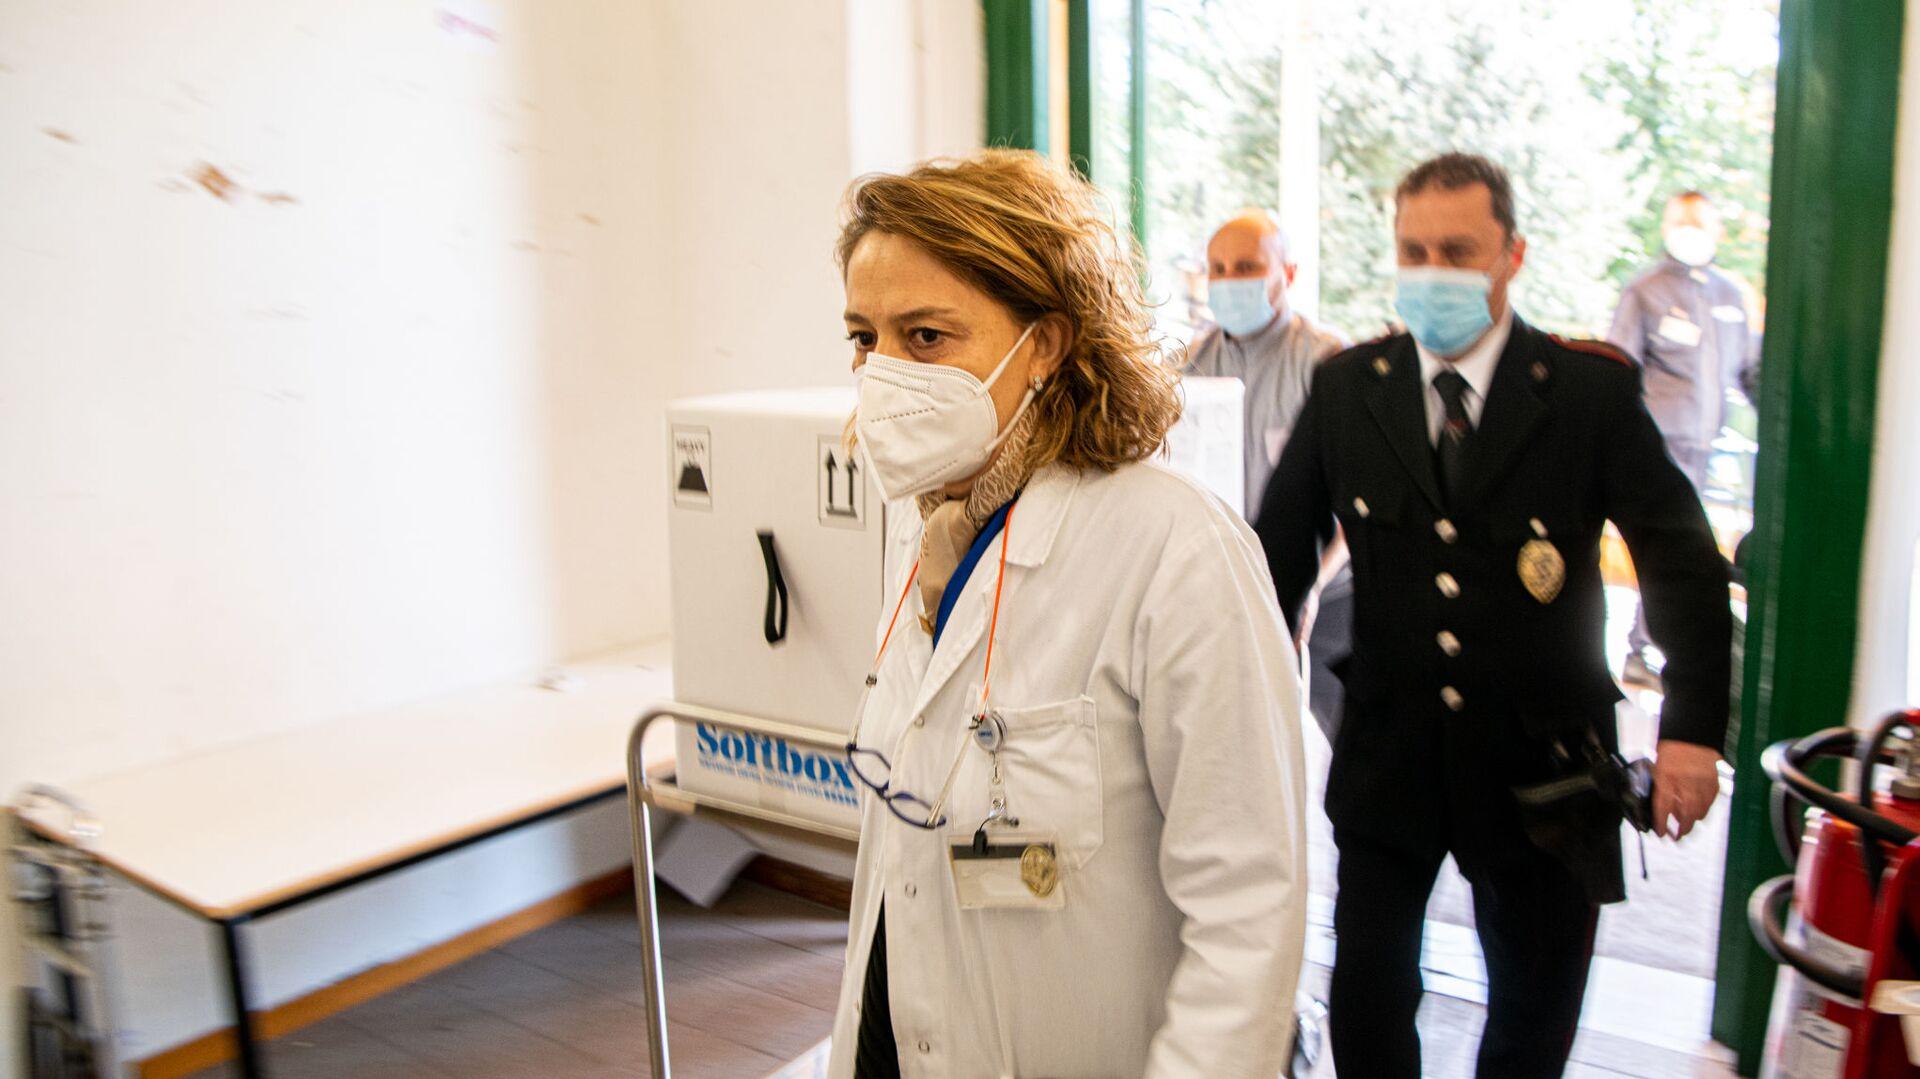 Consegna Vaccini Pfizer all'Ospedale Santa Maria della Pietà a Roma - Sputnik Italia, 1920, 16.08.2021